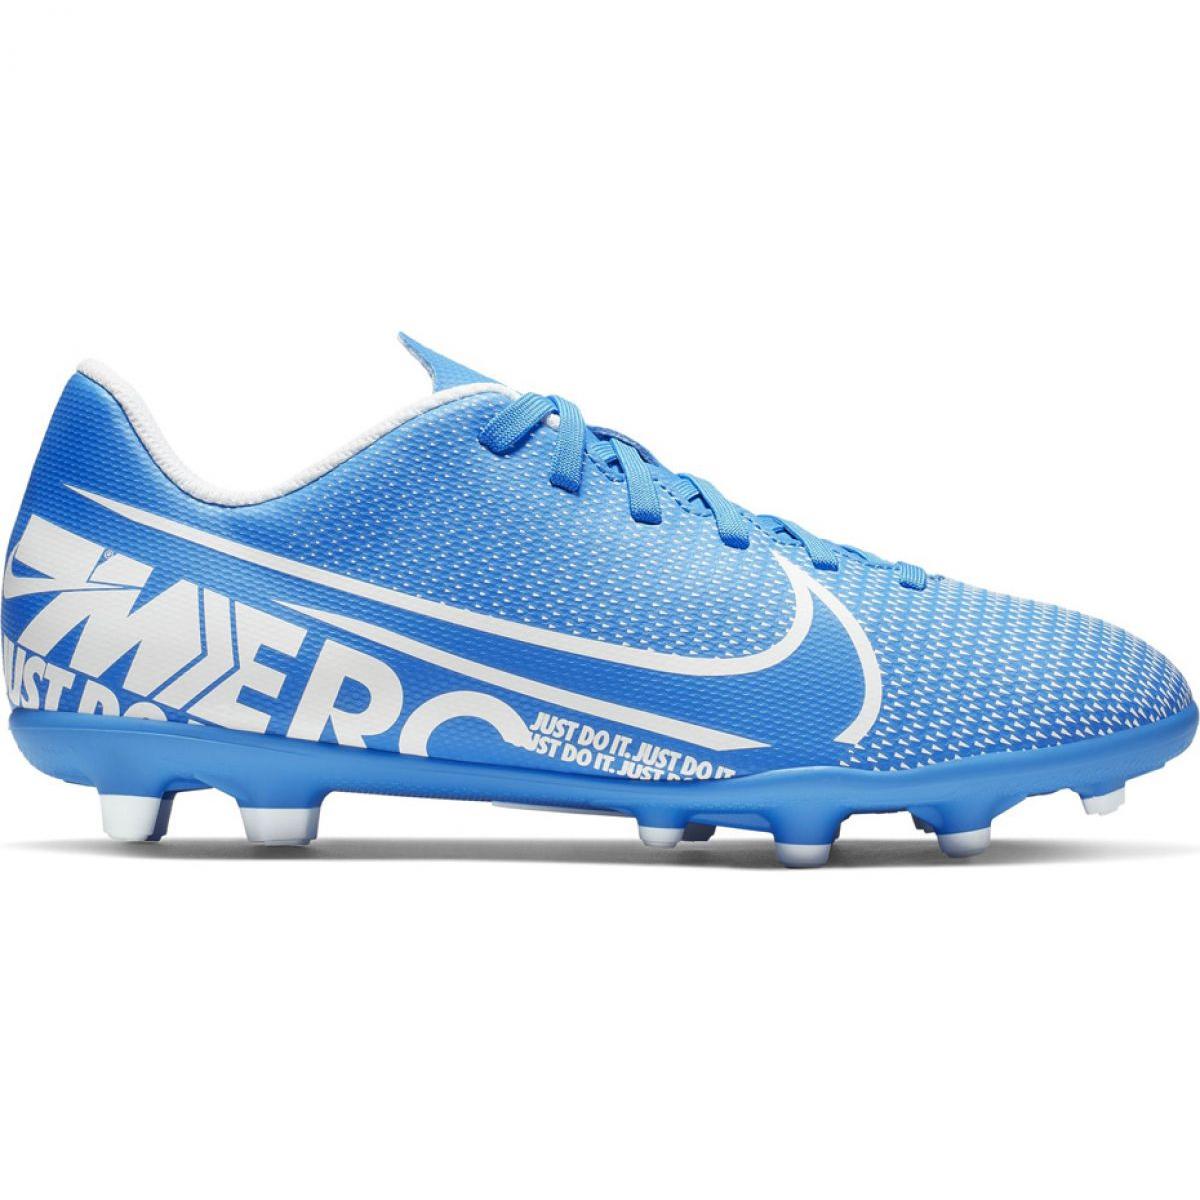 Botas de futebol Nike Mercurial   Botas de futebol Nike